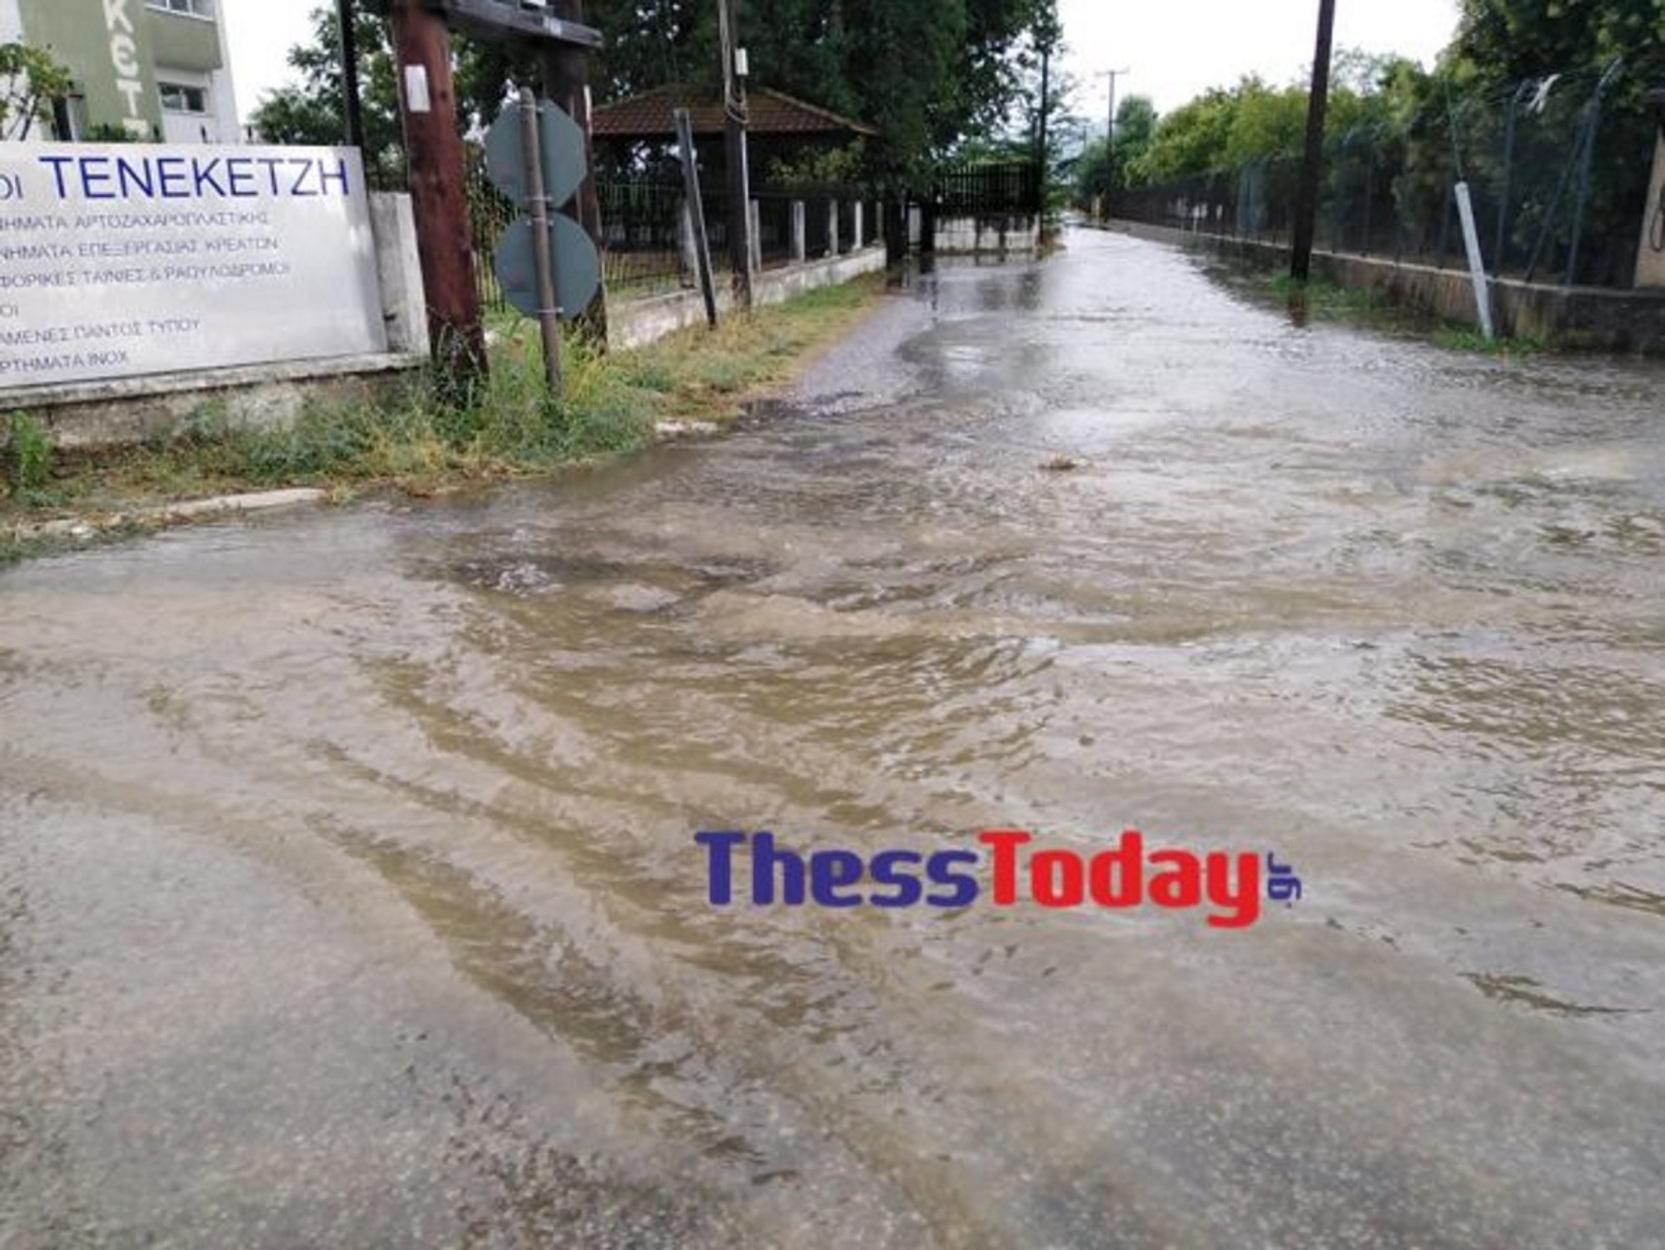 Σε κατάσταση έκτακτης ανάγκης ο Λαγκαδάς! Έκτακτη οικονομική ενίσχυση για τις καταστροφές από τις πλημμύρες (pics)